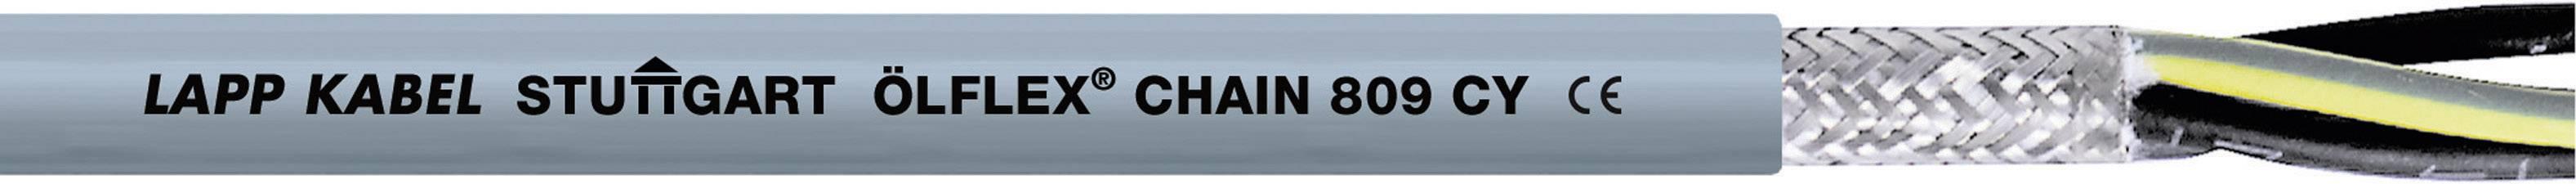 Žíla kabelu LappKabel ÖLFLEX CHAIN 809 CY 7G2,5 (1026785), 7x 2,5 mm², PVC, Ø 13,5 mm, stíněný, 50 m, šedá